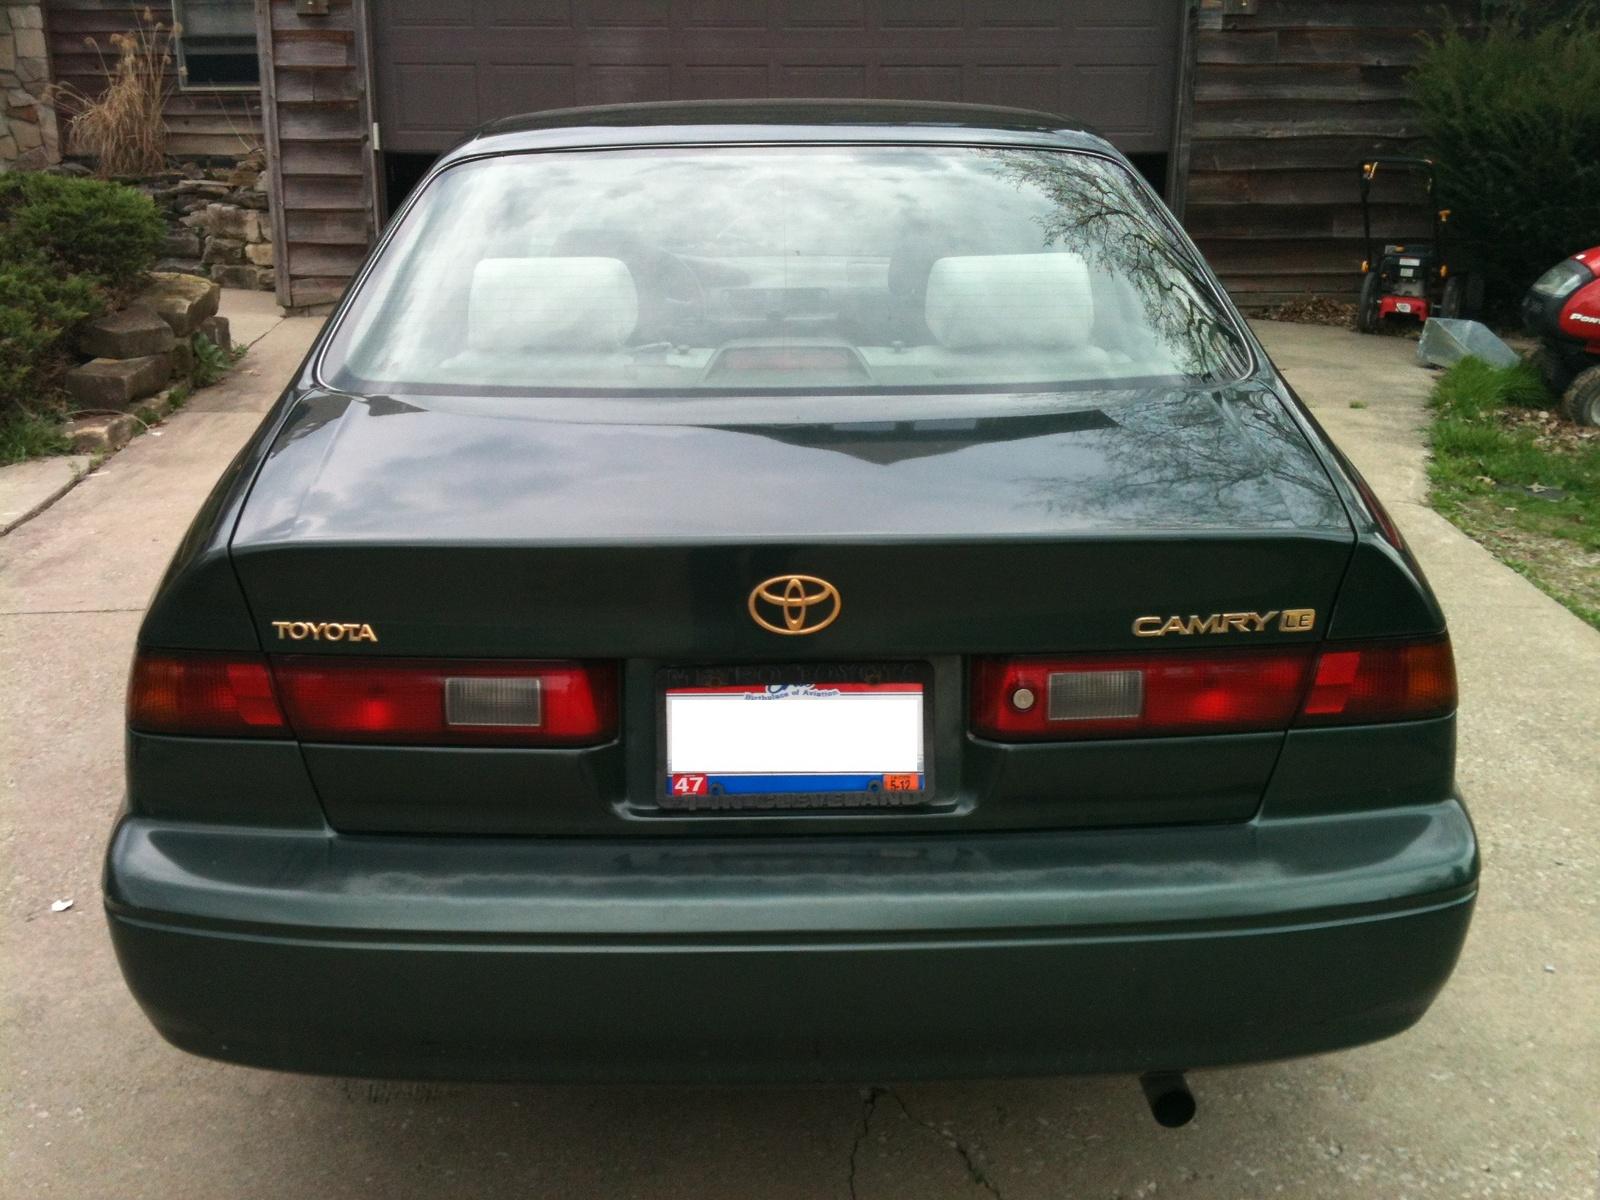 1999 Toyota Camry Exterior Pictures Cargurus